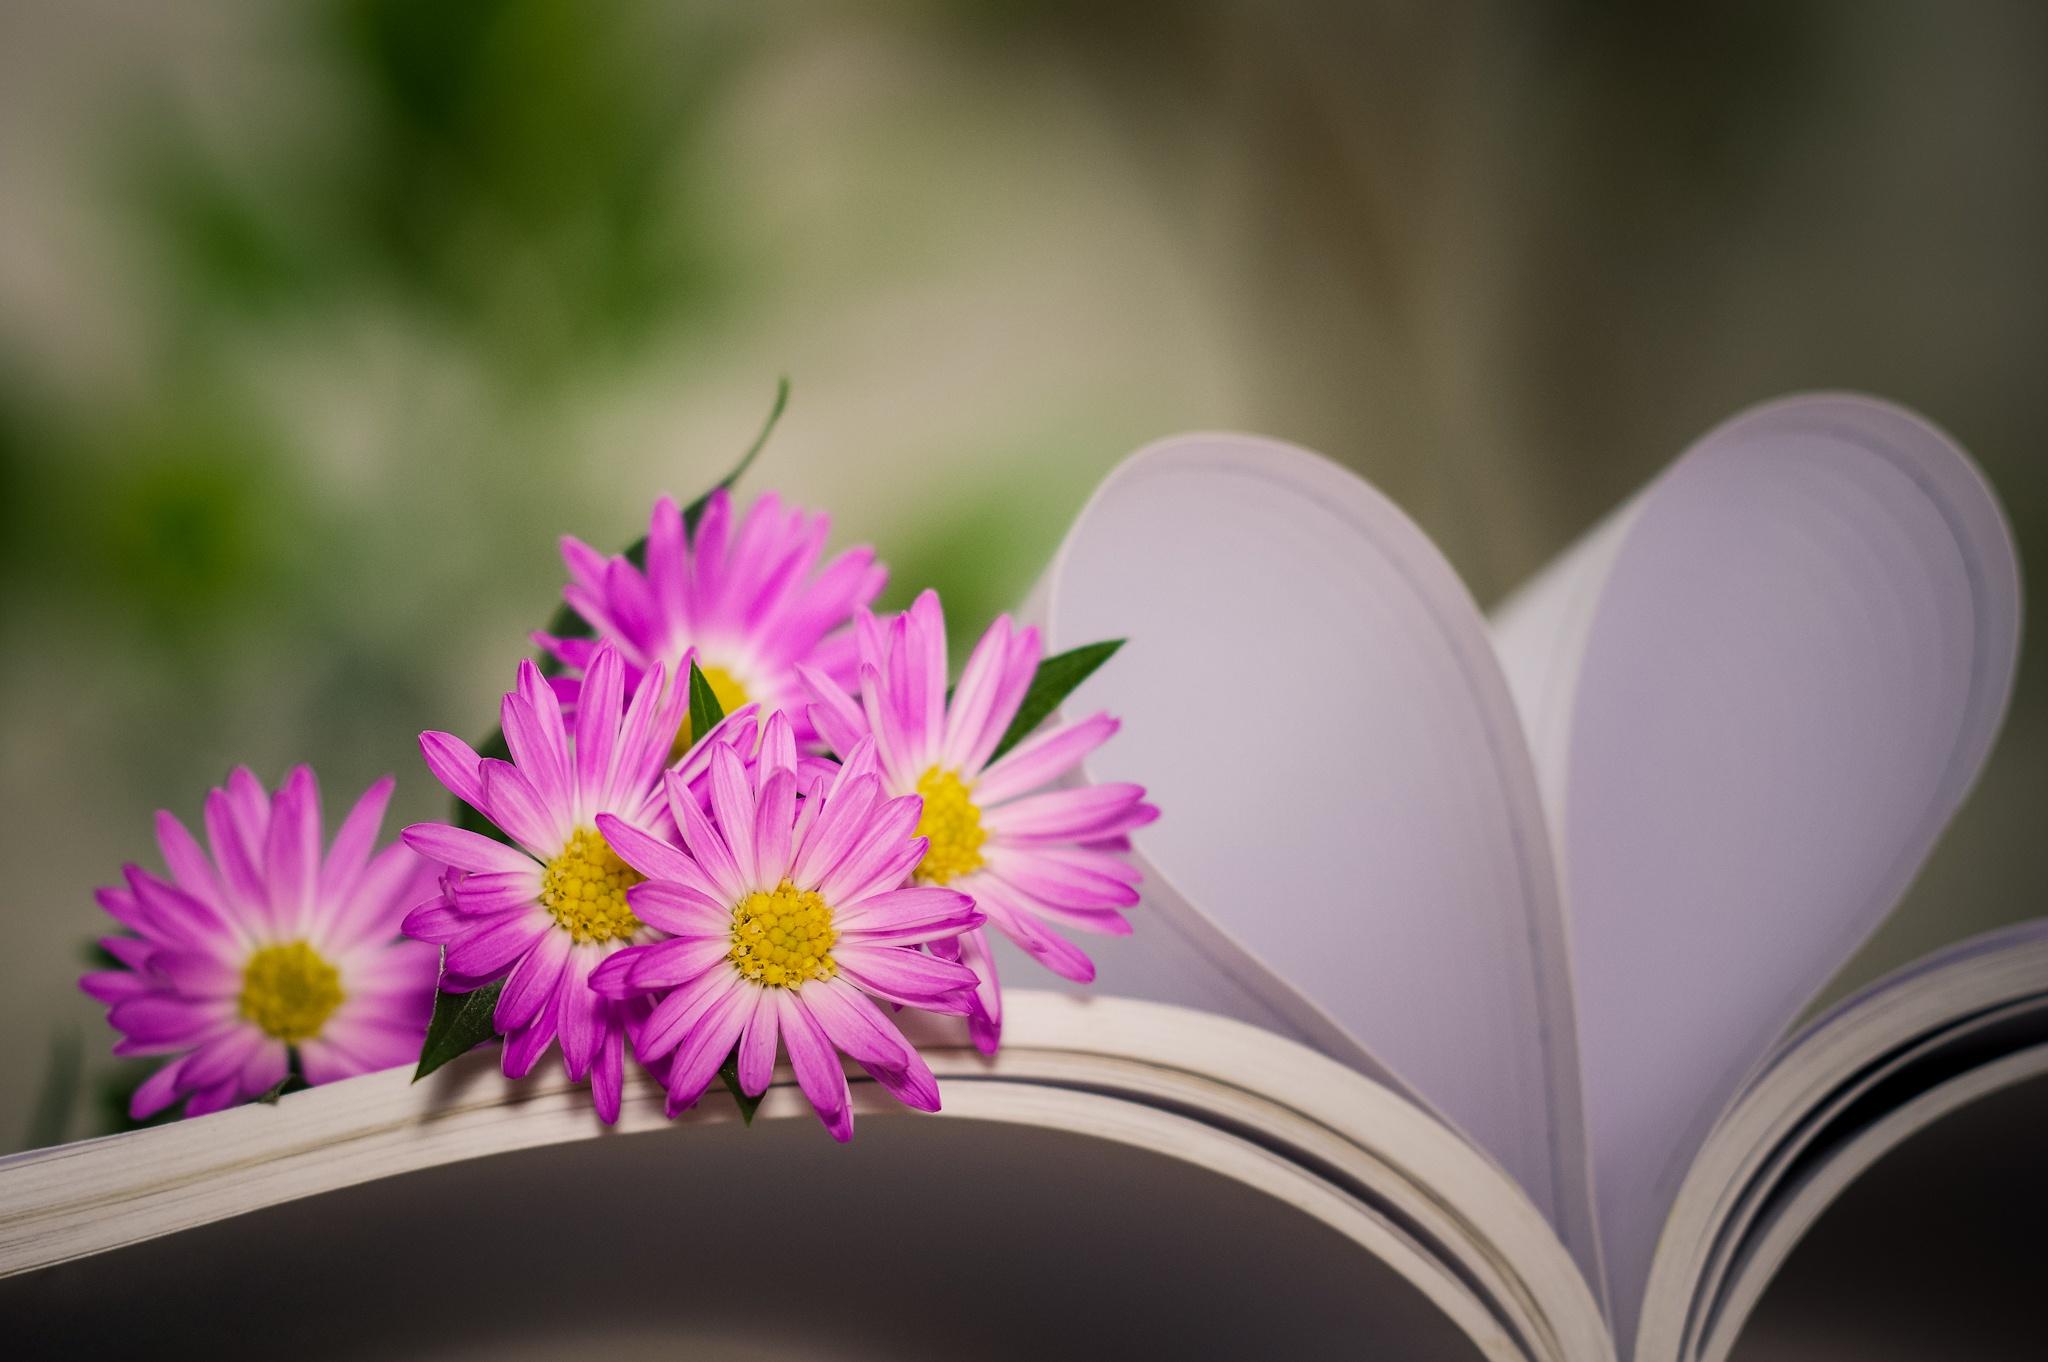 цветы тетрадь листы сердце  № 1351027 загрузить